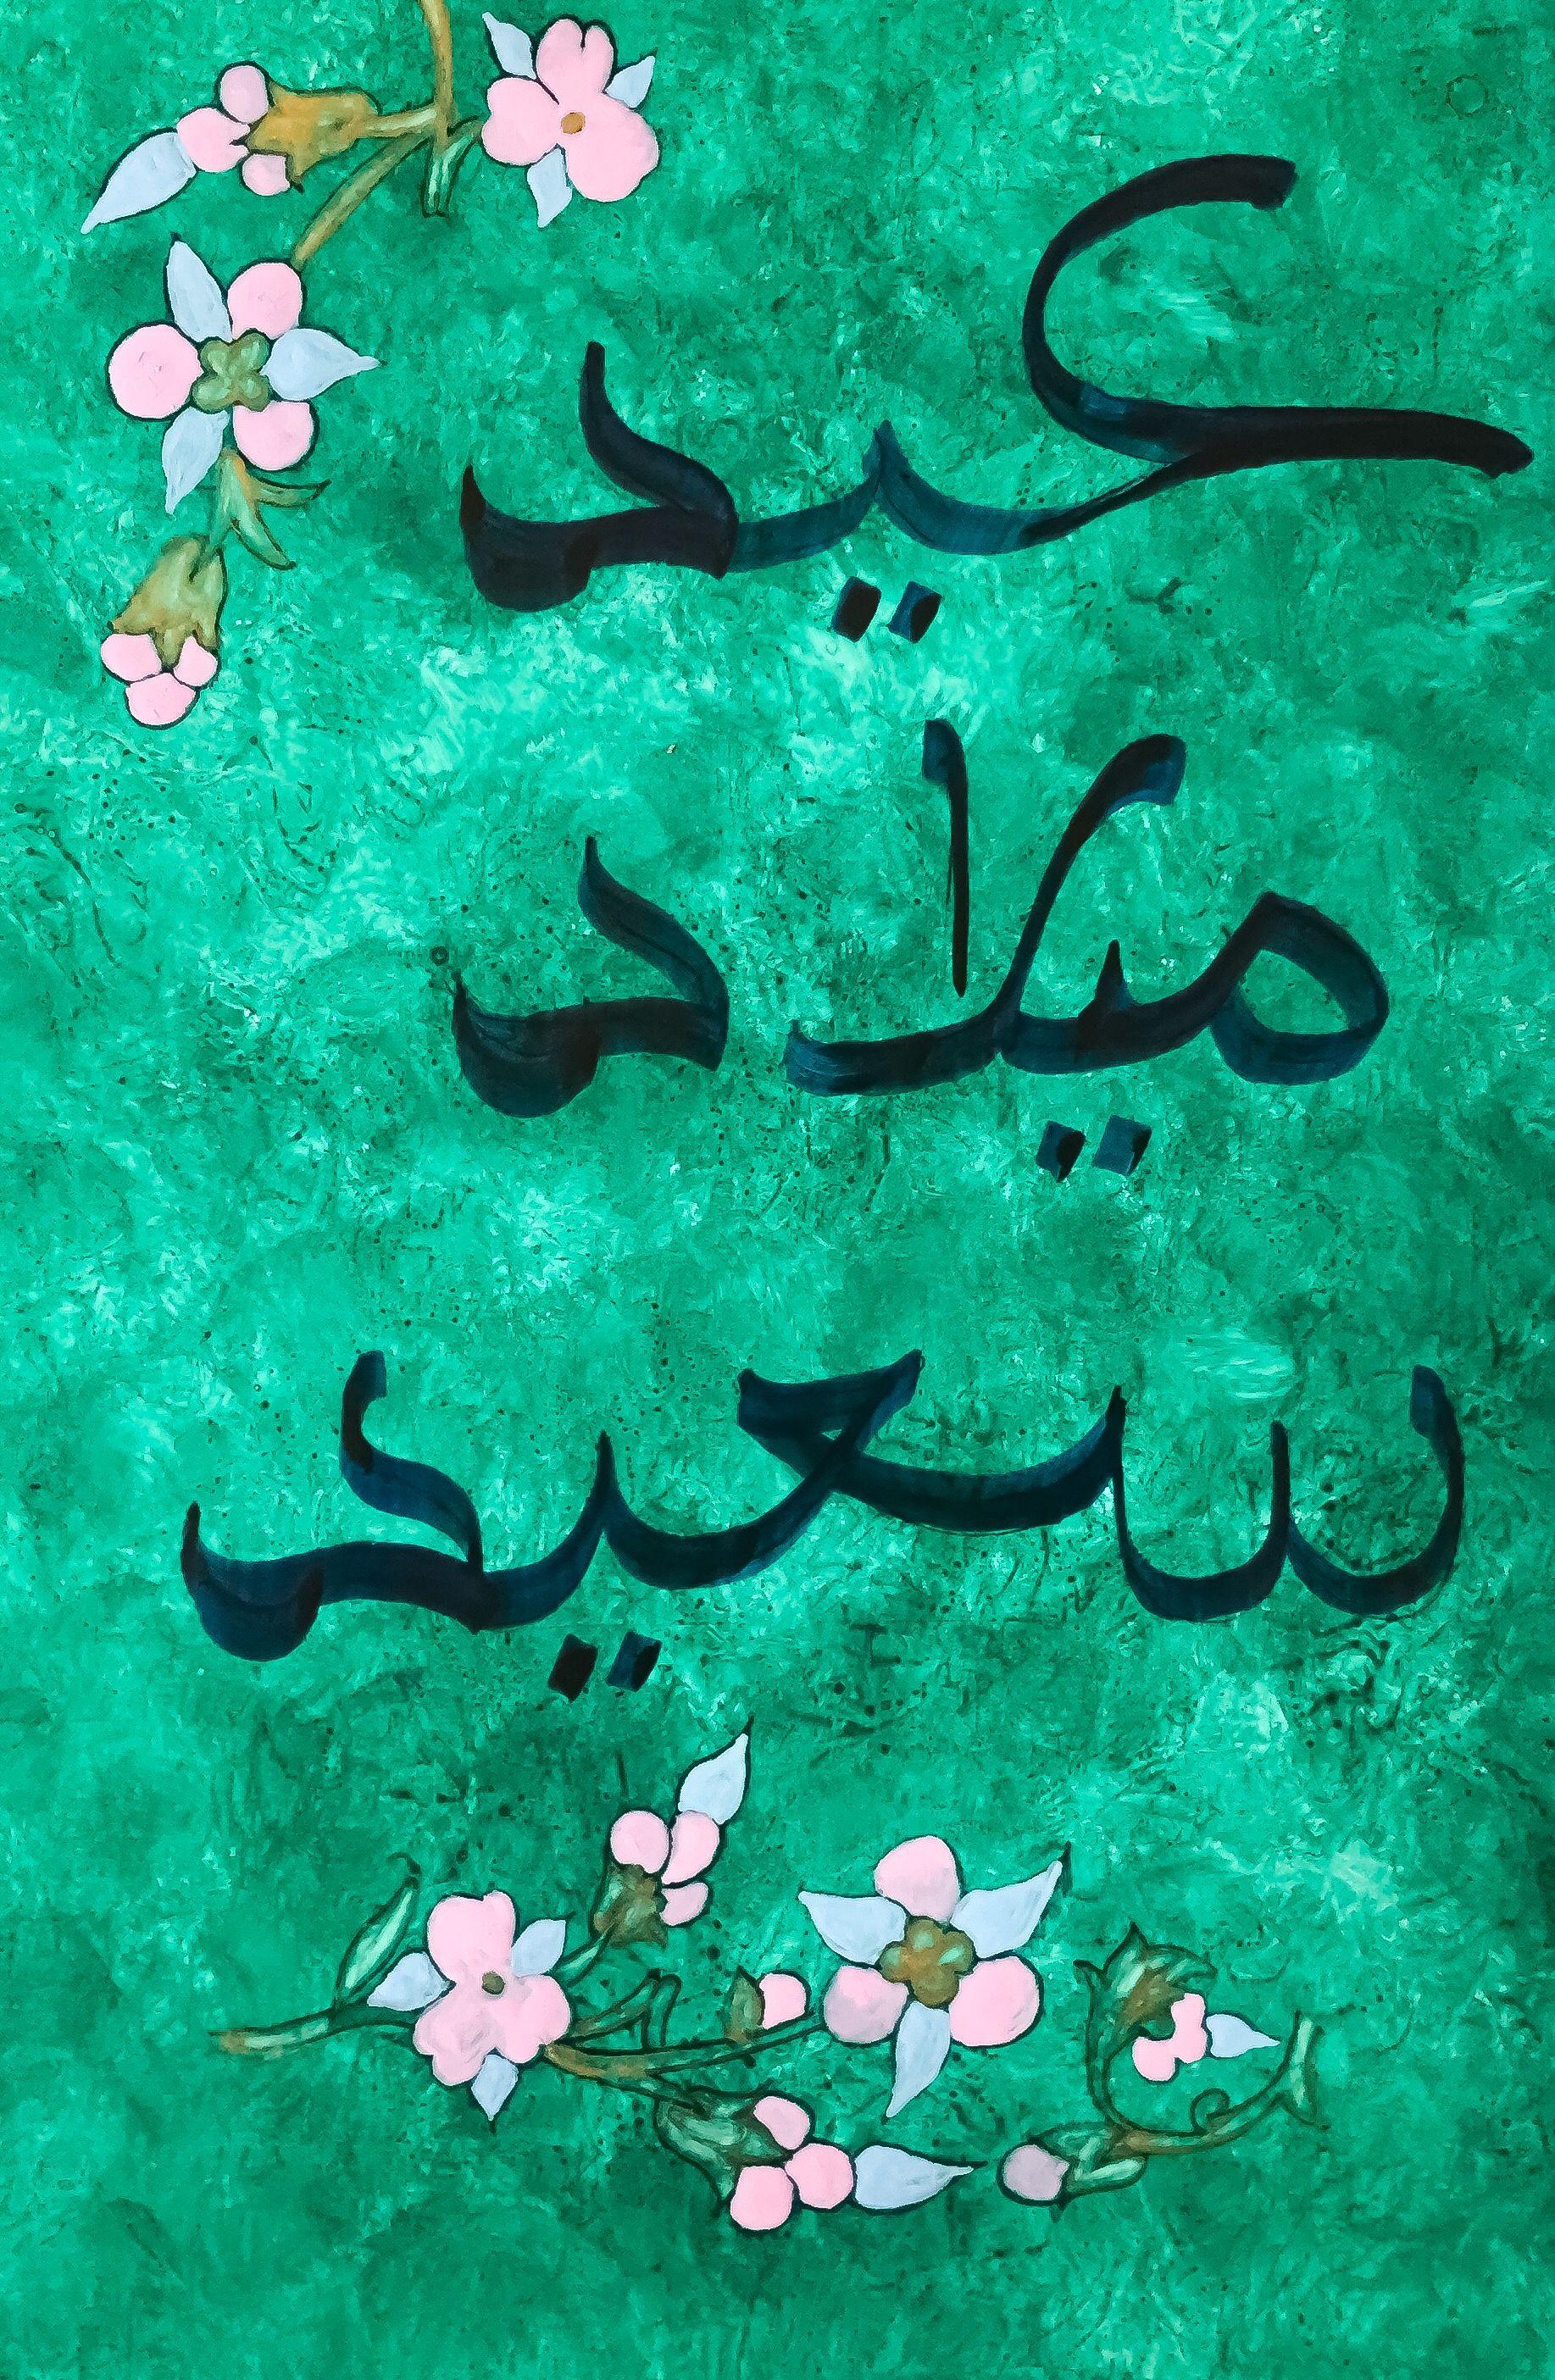 Joyeux Anniversaire En Arabe : joyeux, anniversaire, arabe, Épinglé, Calligraphie, Arabe